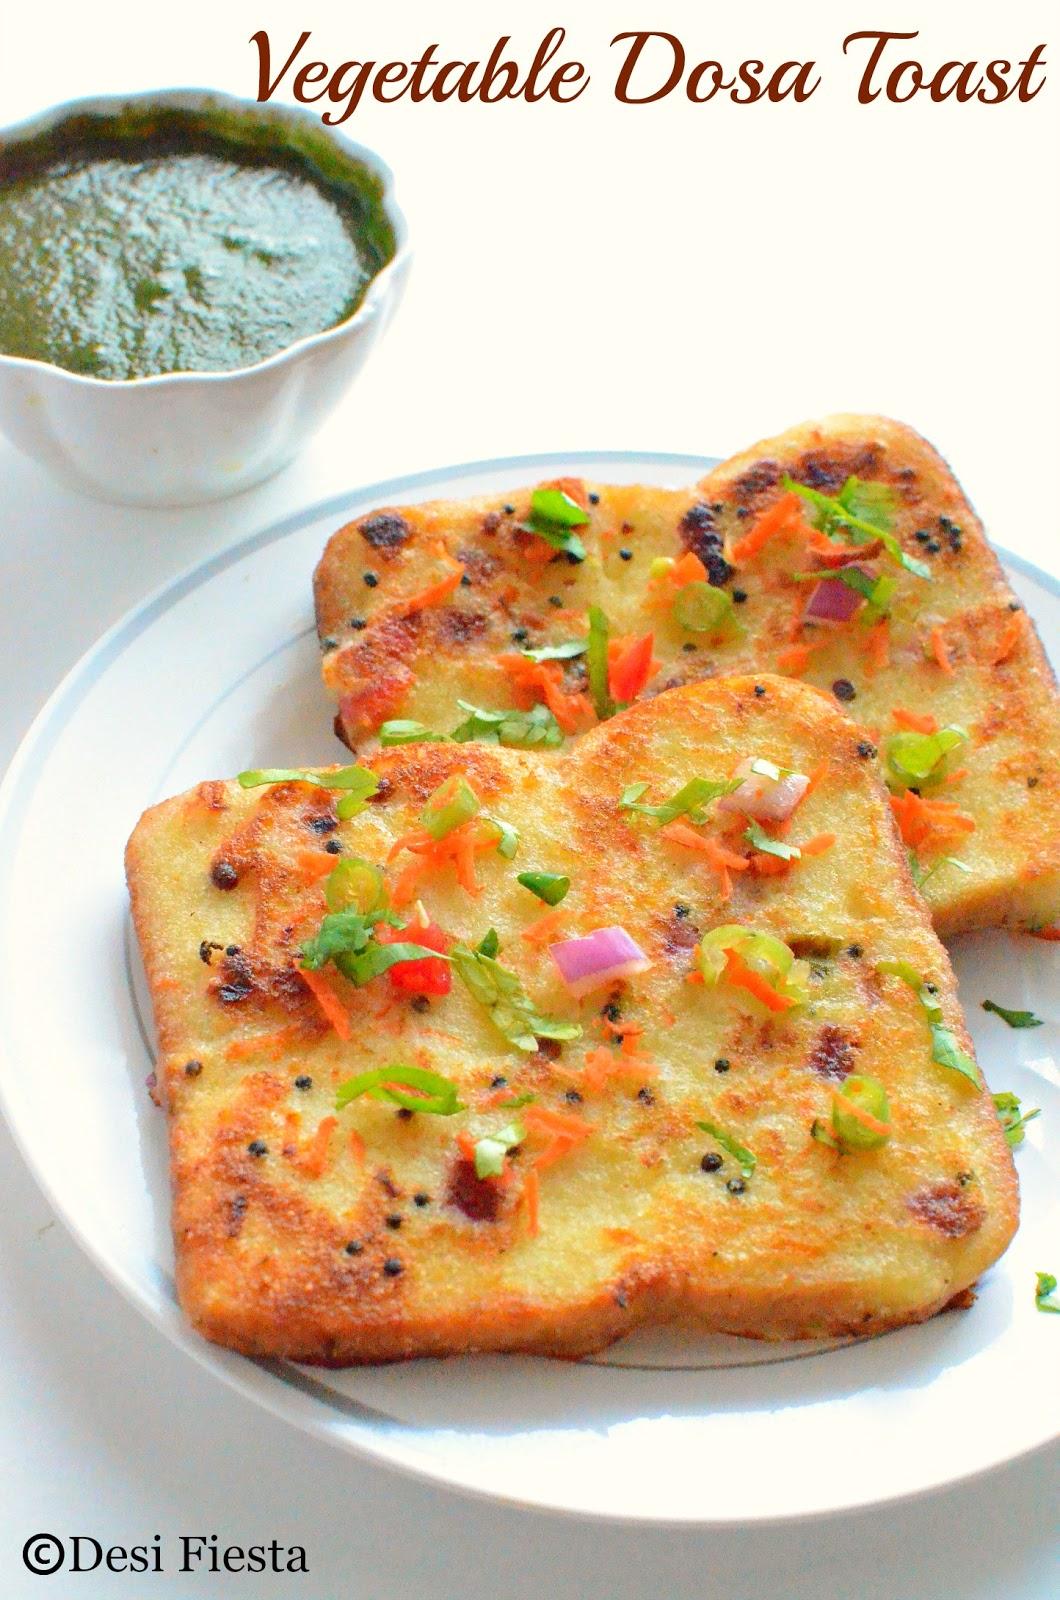 Dosa Toast Recipes